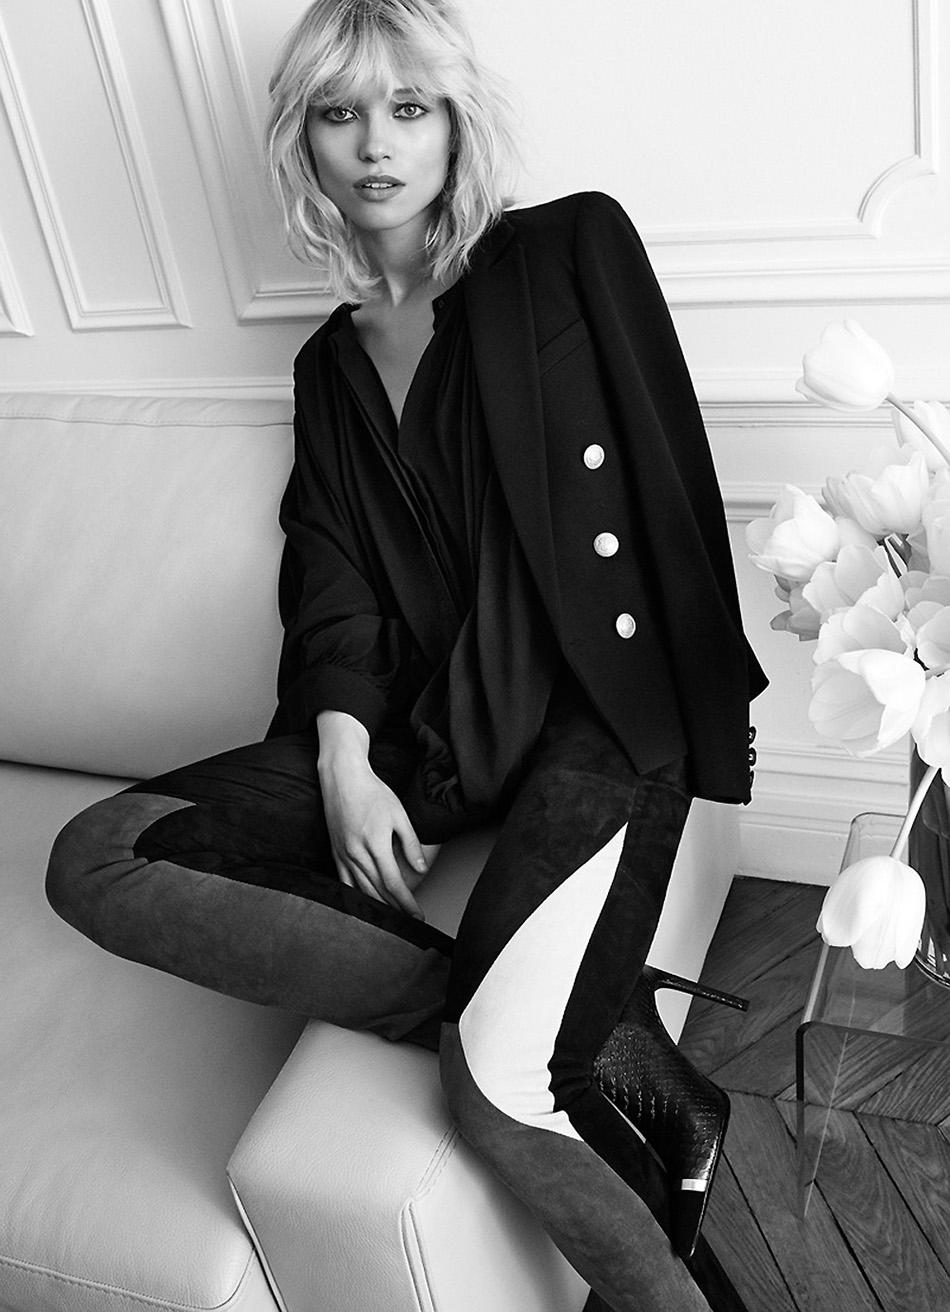 Fashion-Camilla-Akrans-Hana-Jirickova-Oracle-Fox